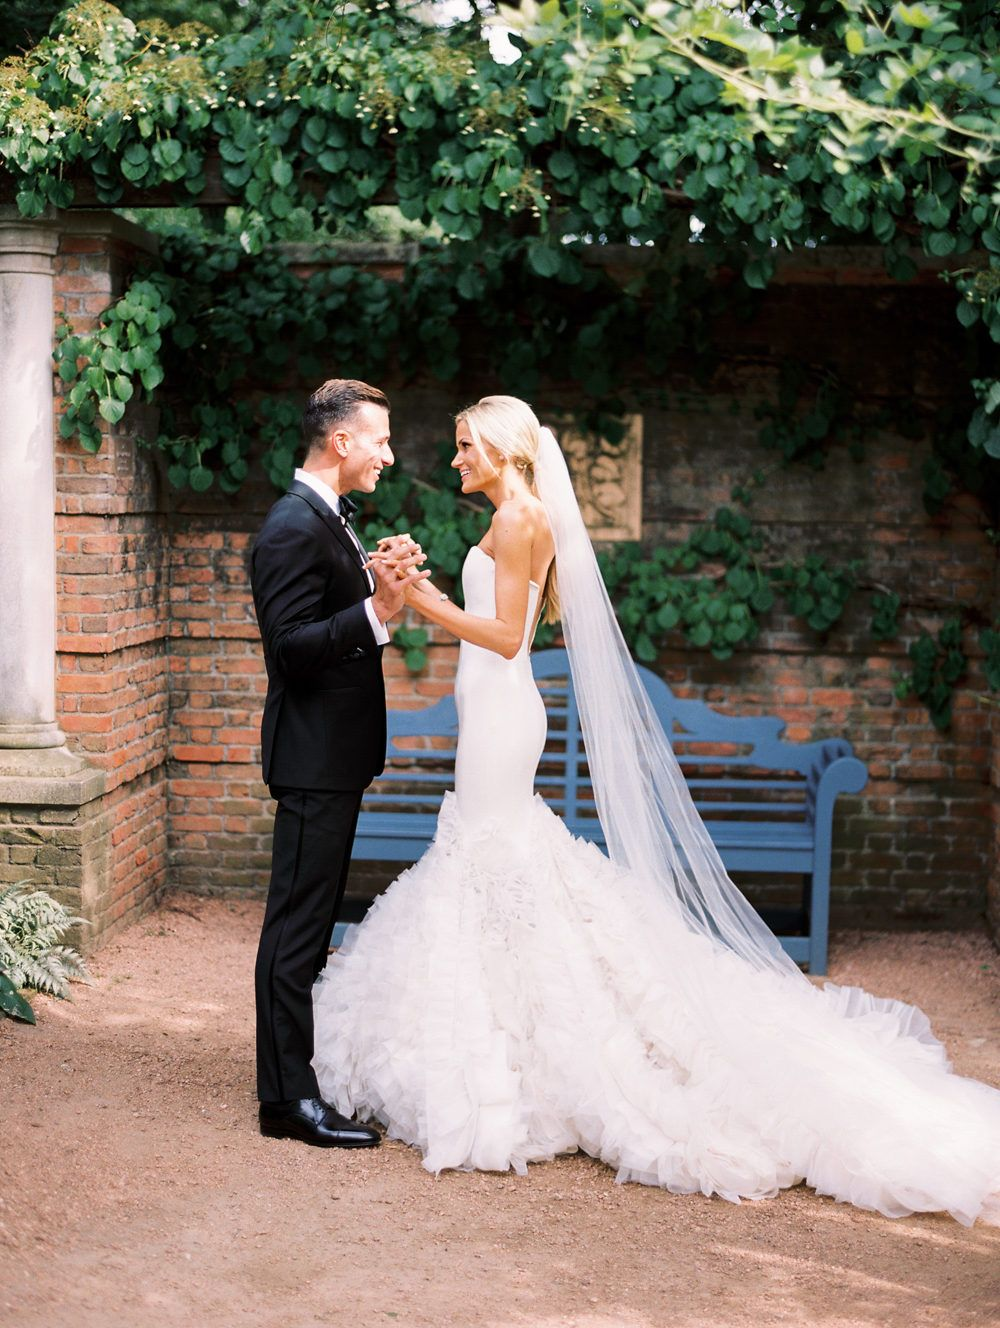 Elegant Garden Wedding at the Chicago Botanic Garden